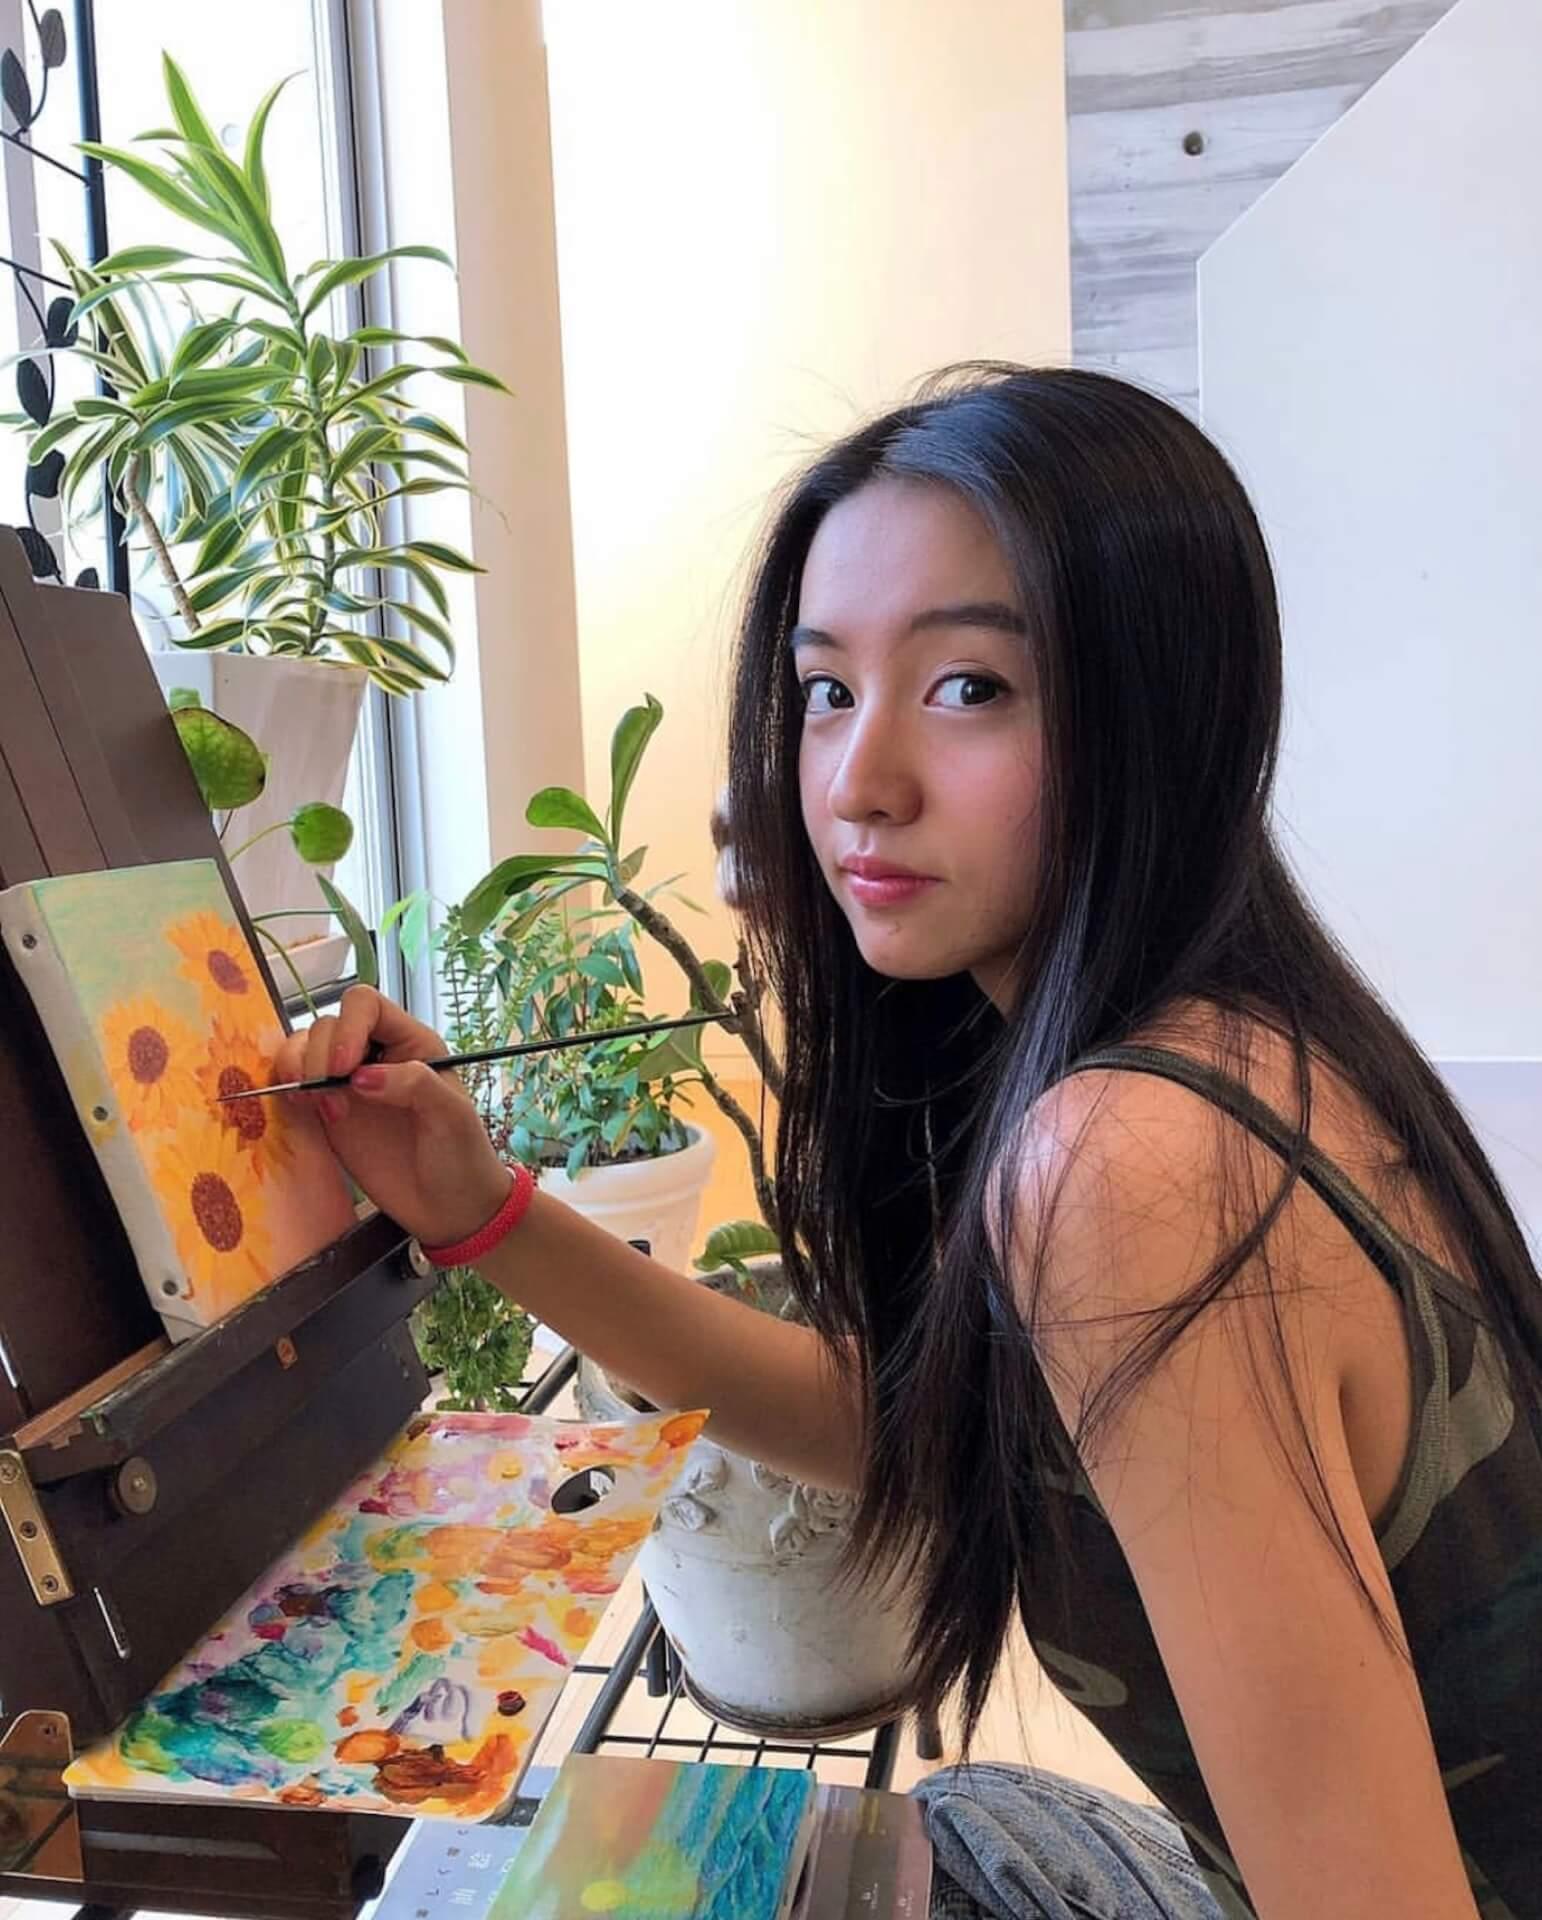 今日は木村拓哉の誕生日!愛娘Kōki,がInstagramに胸にグッとくる写真を投稿 art191113_koki_kimuratakuya_main